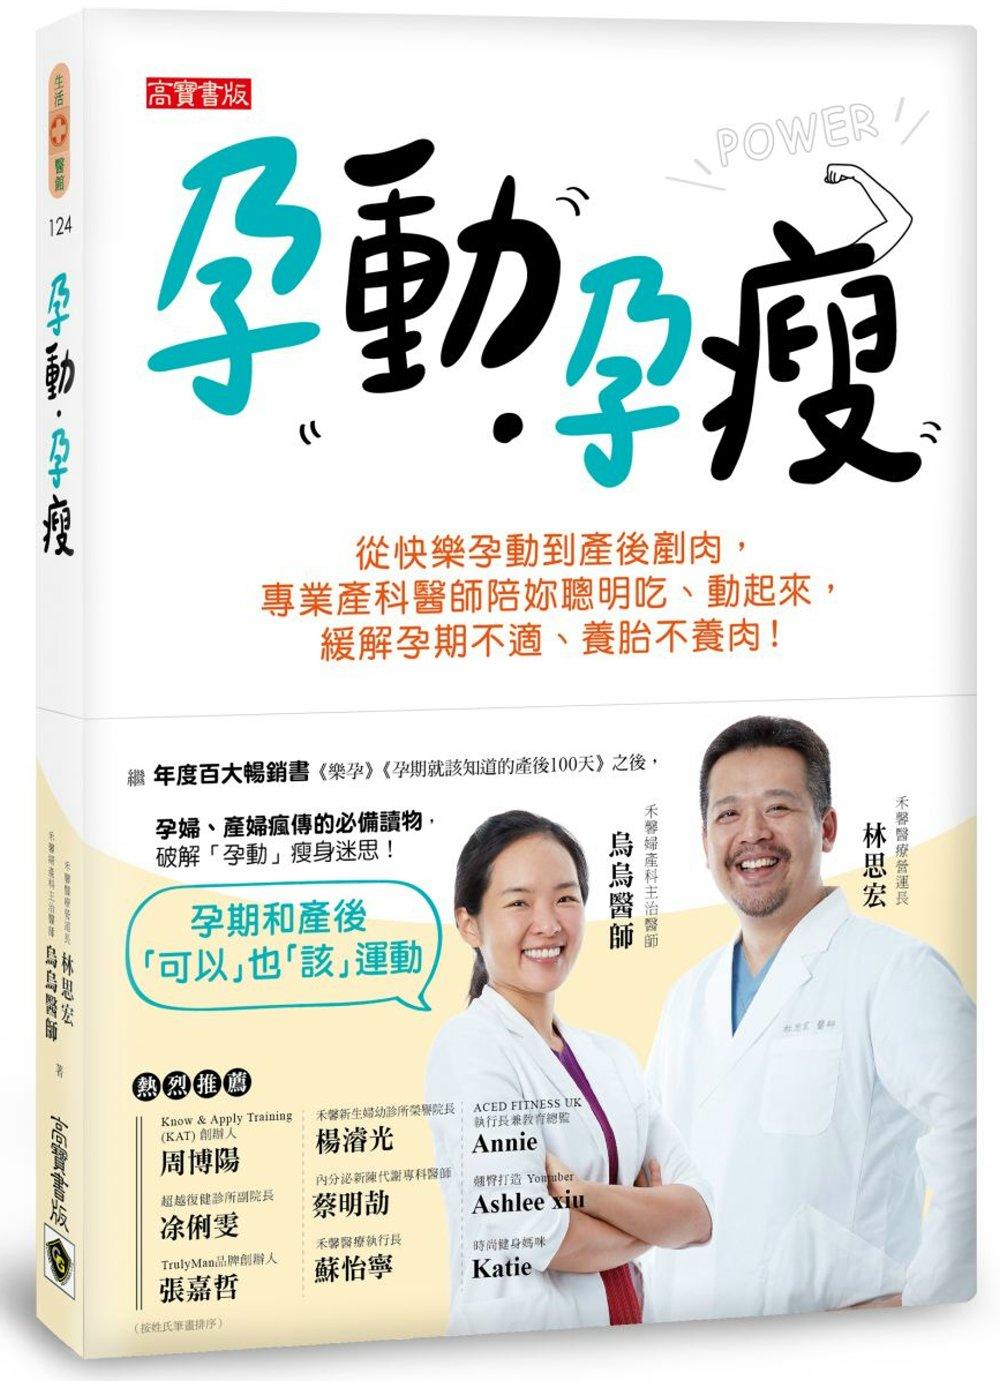 孕動•孕瘦:從快樂孕動到產後剷肉,專業產科醫師陪妳聰明吃、動起來,緩解孕期不適、養胎不養肉